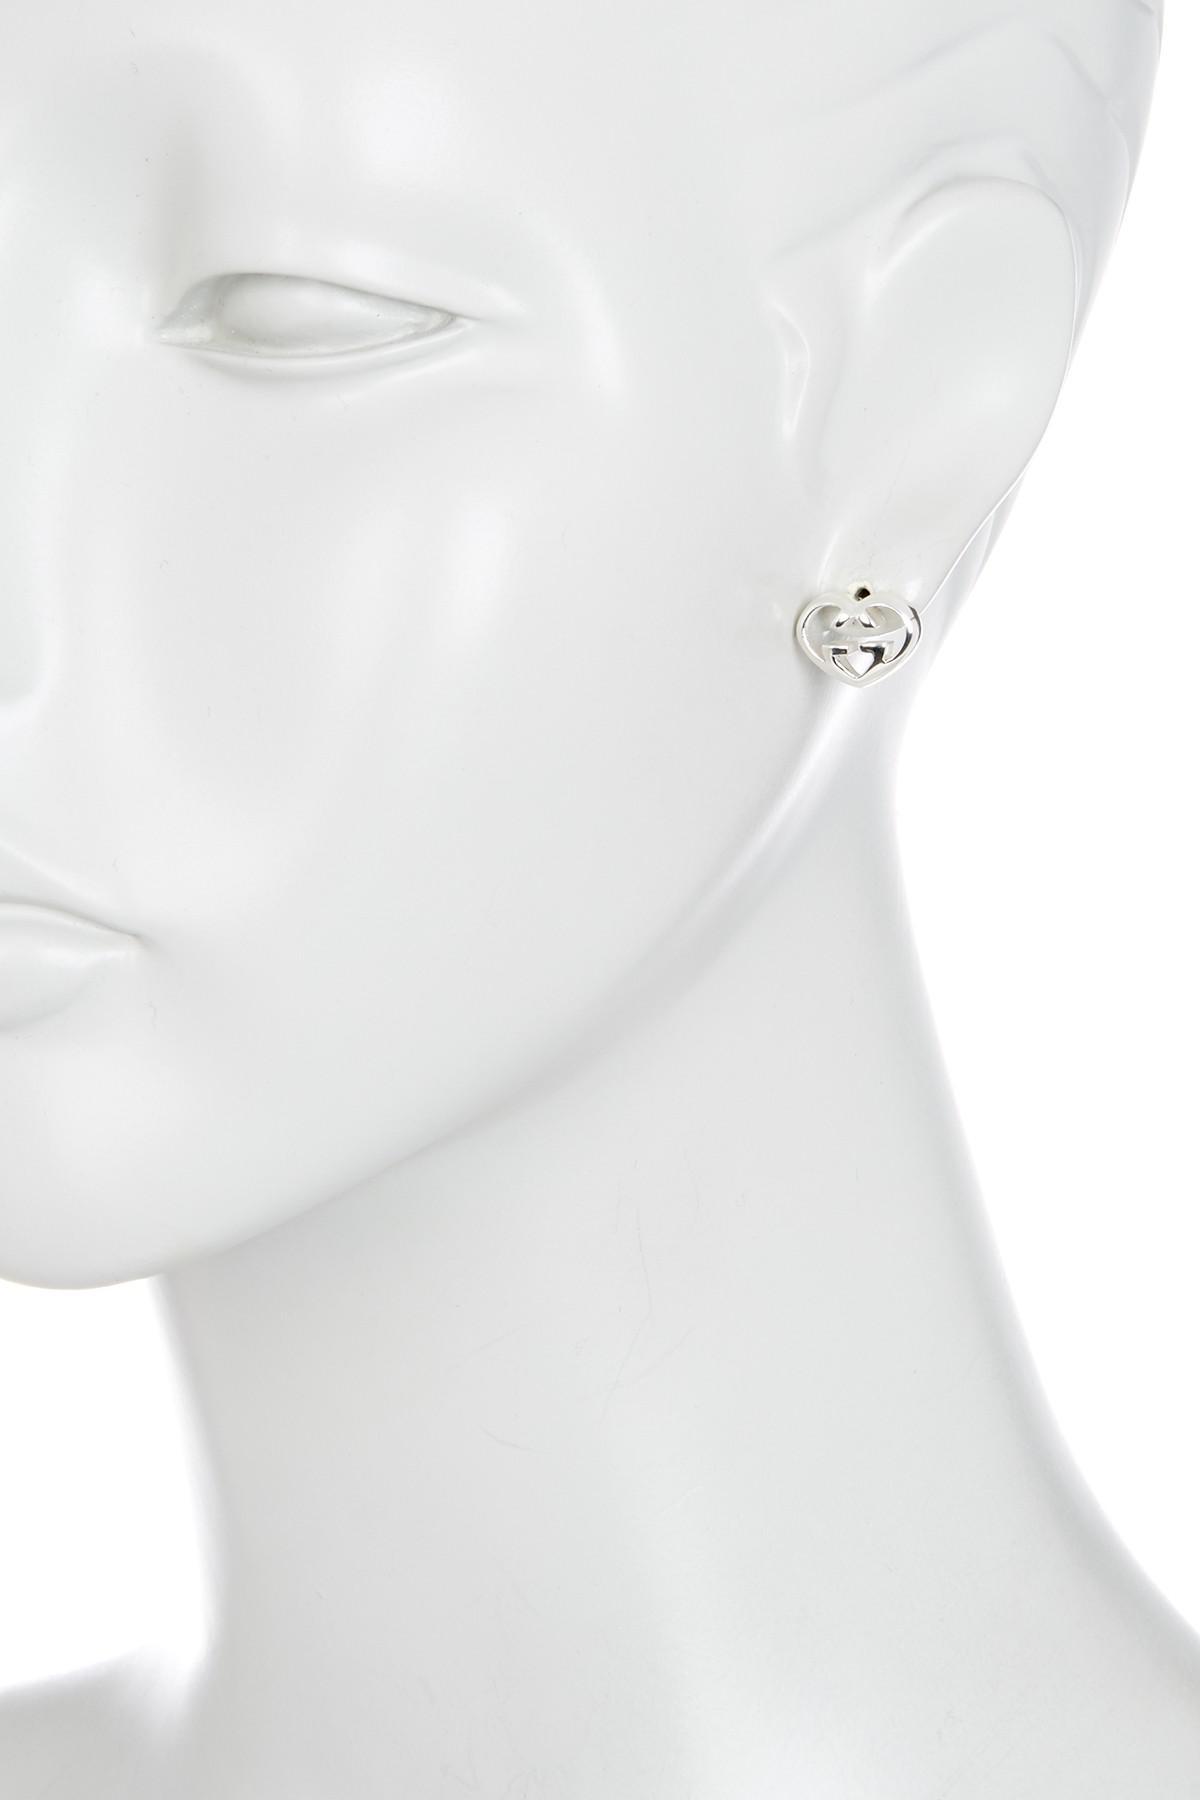 36b6e191b75 Lyst Gucci Sterling Silver Love Heart Stud Earrings In Metallic